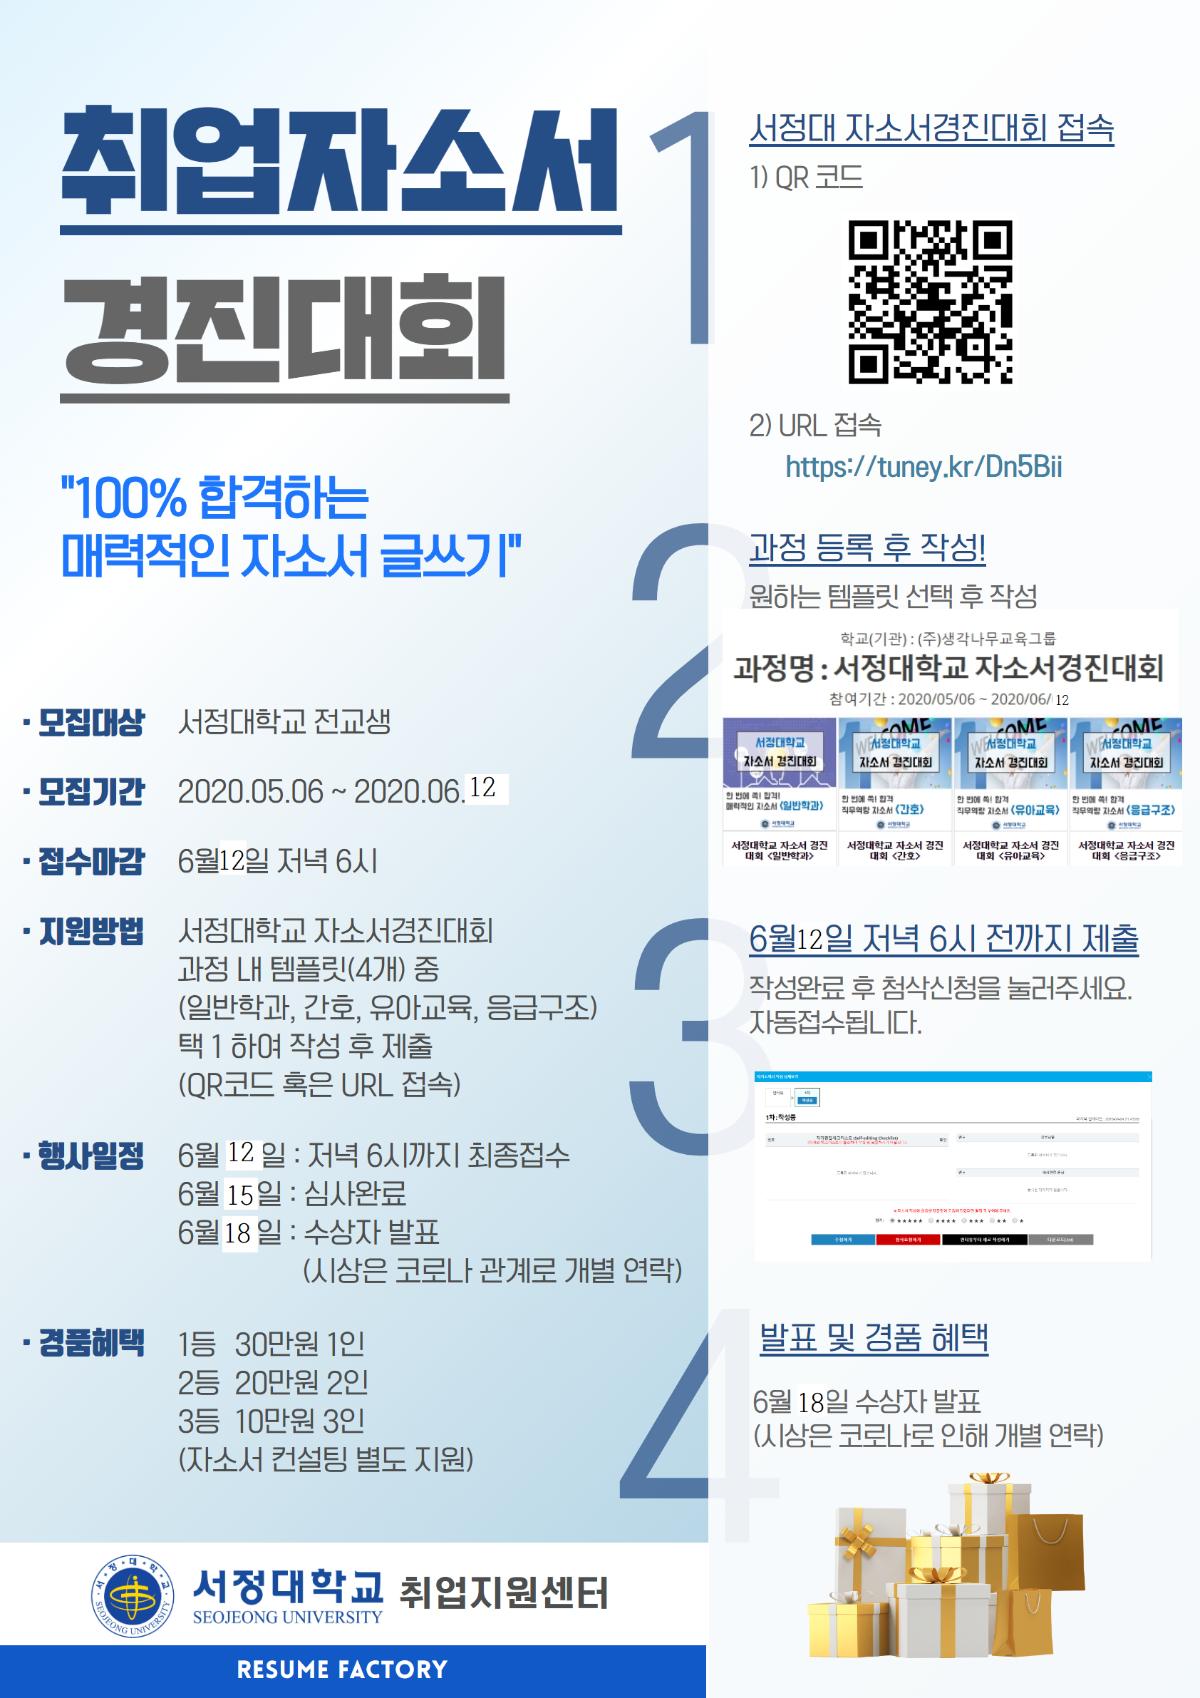 서정대_자소서경진대회_마감일변경12.png